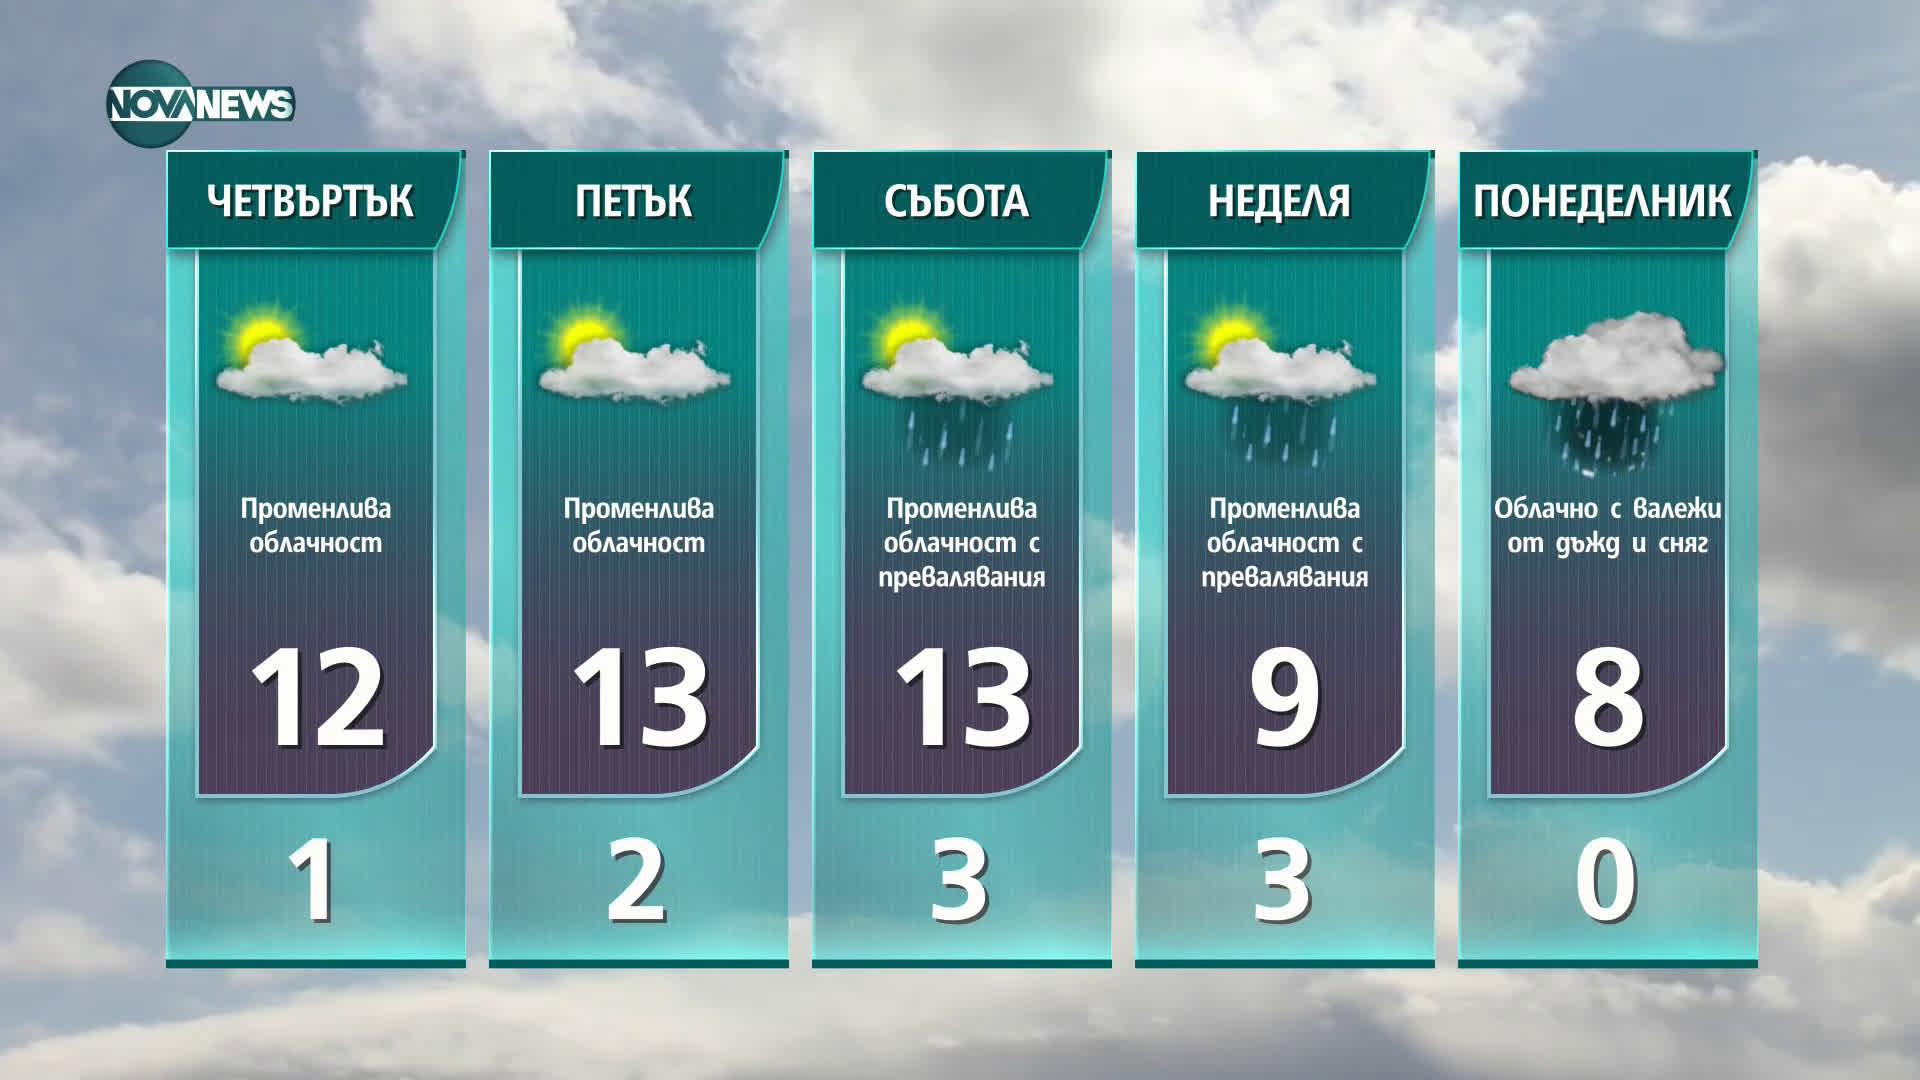 Прогноза за времето на NOVA NEWS (23.02.2021 - 18:00)